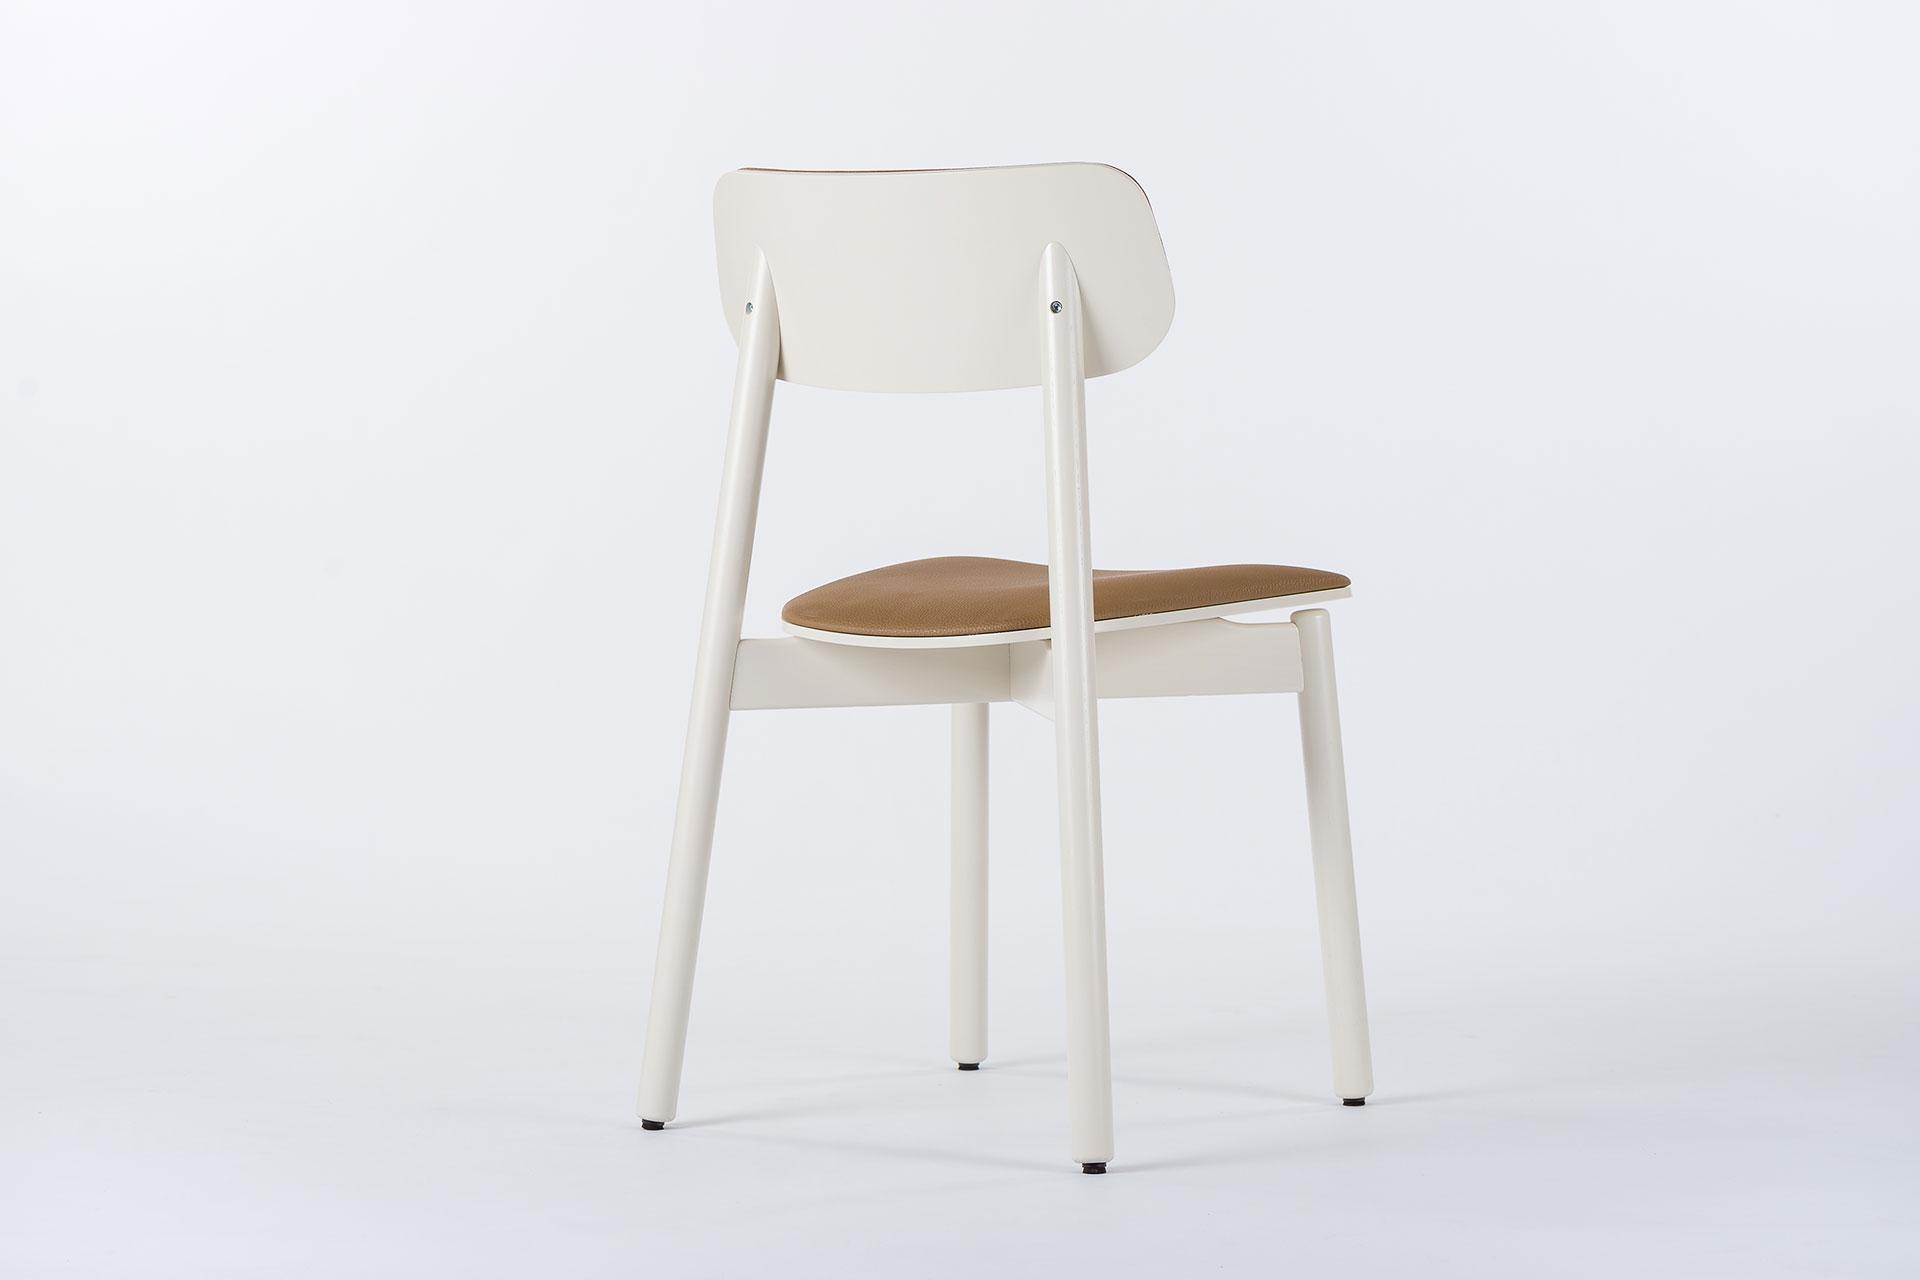 Стілець кухонний ІКС, дерев'яний з коричневим сидінням та спинкою і білими ніжками фото 3